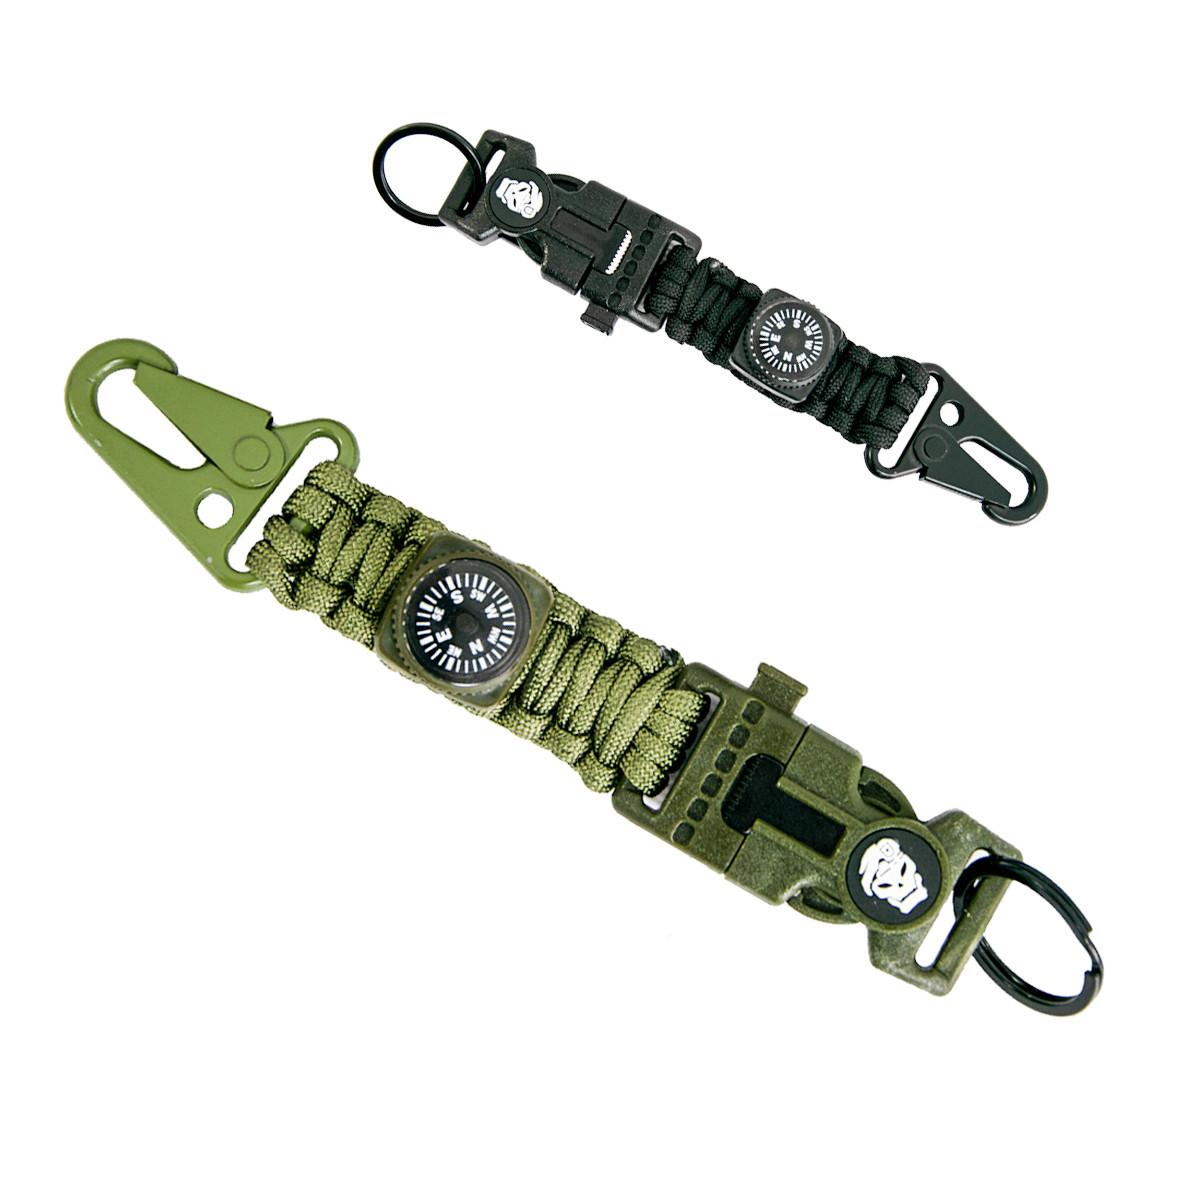 Браслет из паракорда с ножом тактический Paracord Fire Starter Bracelet TY-1619 браслет с фастексом Хаки (ST)